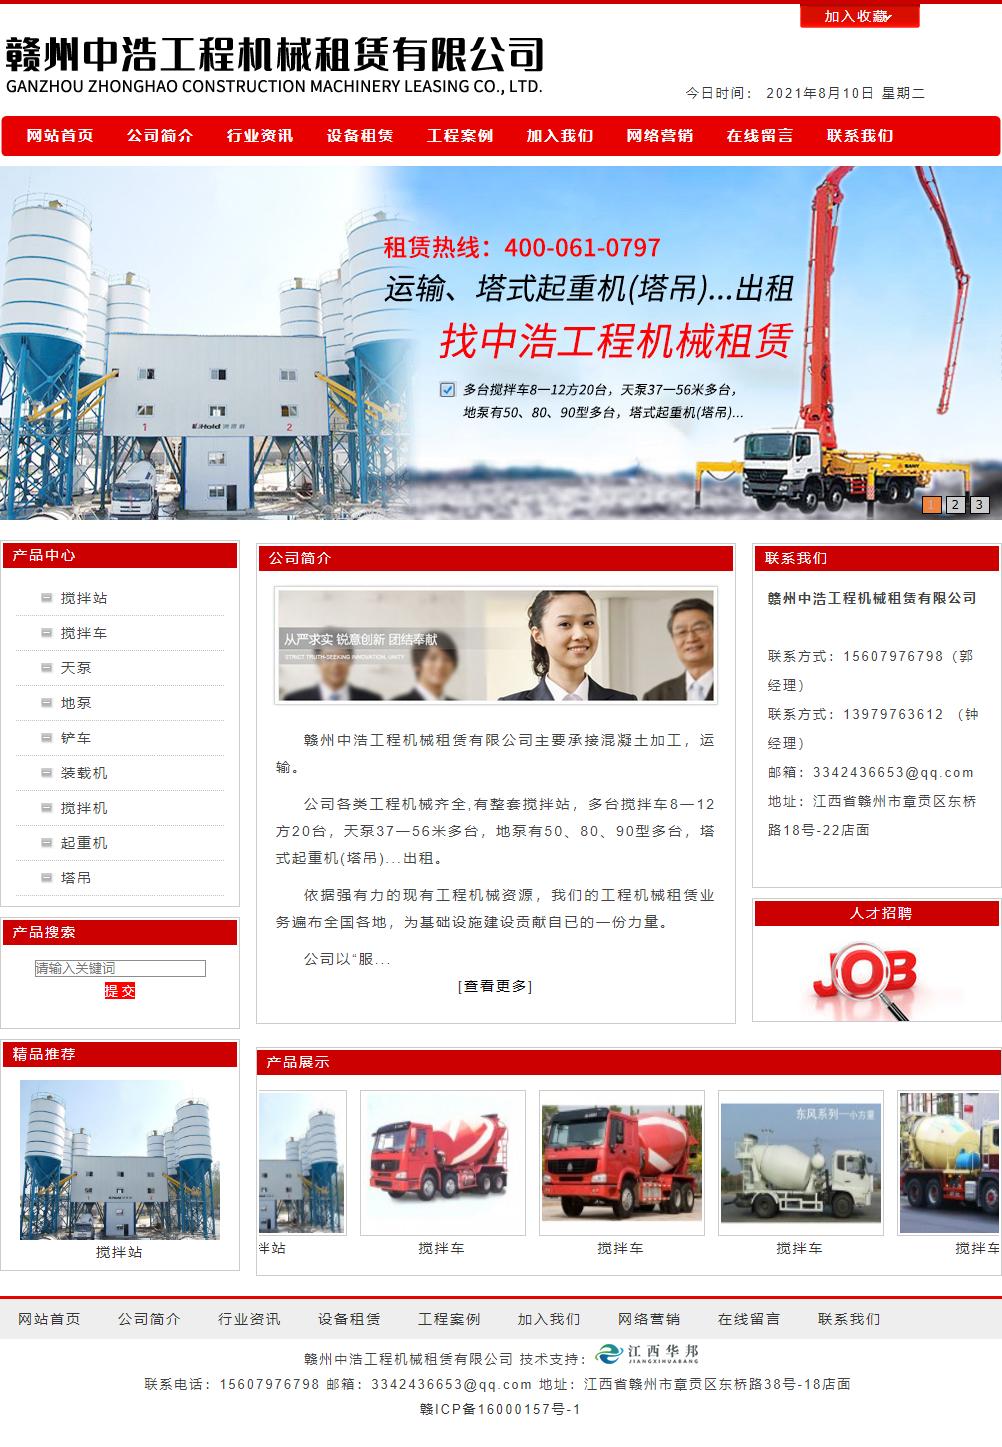 赣州中浩工程机械租赁有限公司网站案例